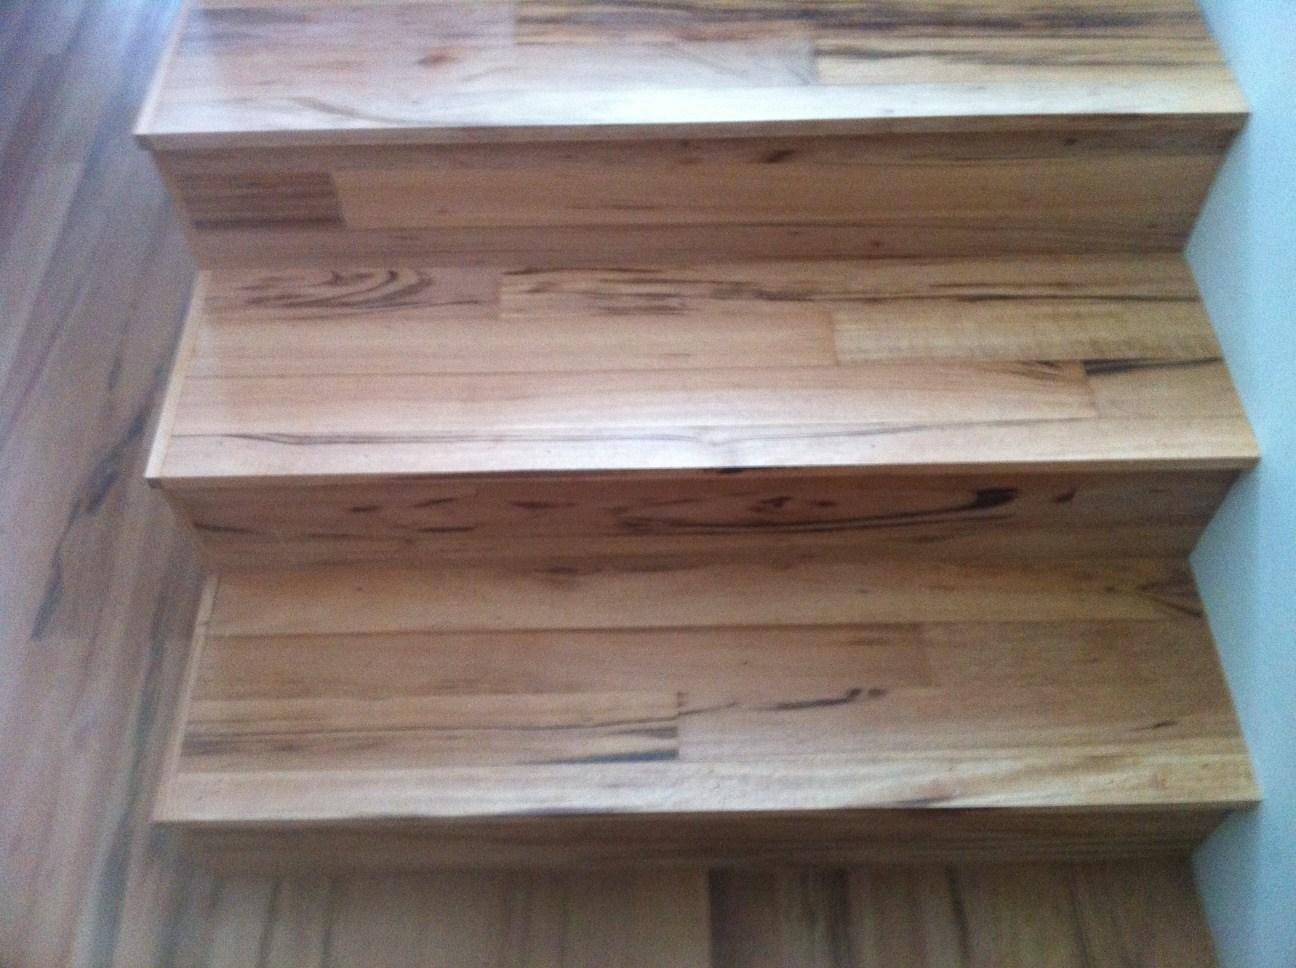 Stair Treads Using Flooring Stair Parts Blog | Wood Floor Stair Treads | Brazilian Cherry | Stair Nosing | Oak Stair Risers | Vinyl Flooring | Carpet